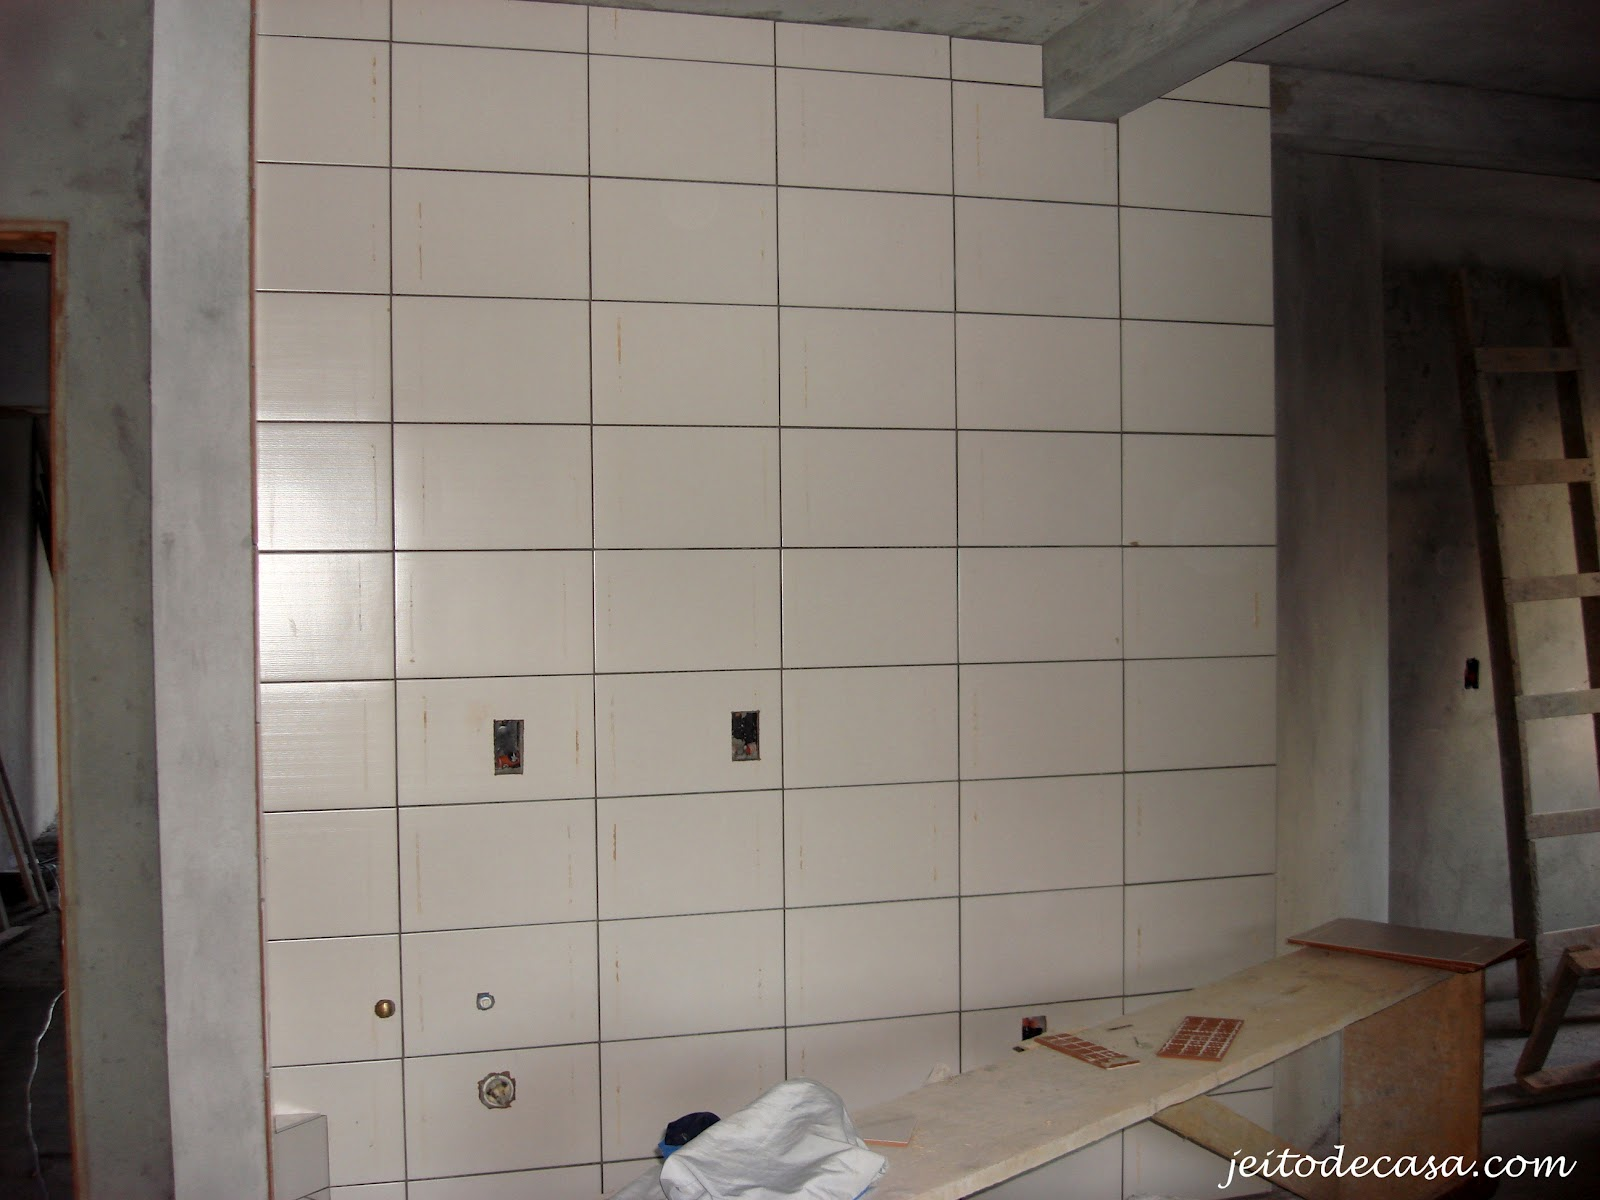 Aqui uma foto que tirei em uma obra de uma pequena construtora para o  #294164 1600x1200 Azulejos Para Banheiro Branco E Preto